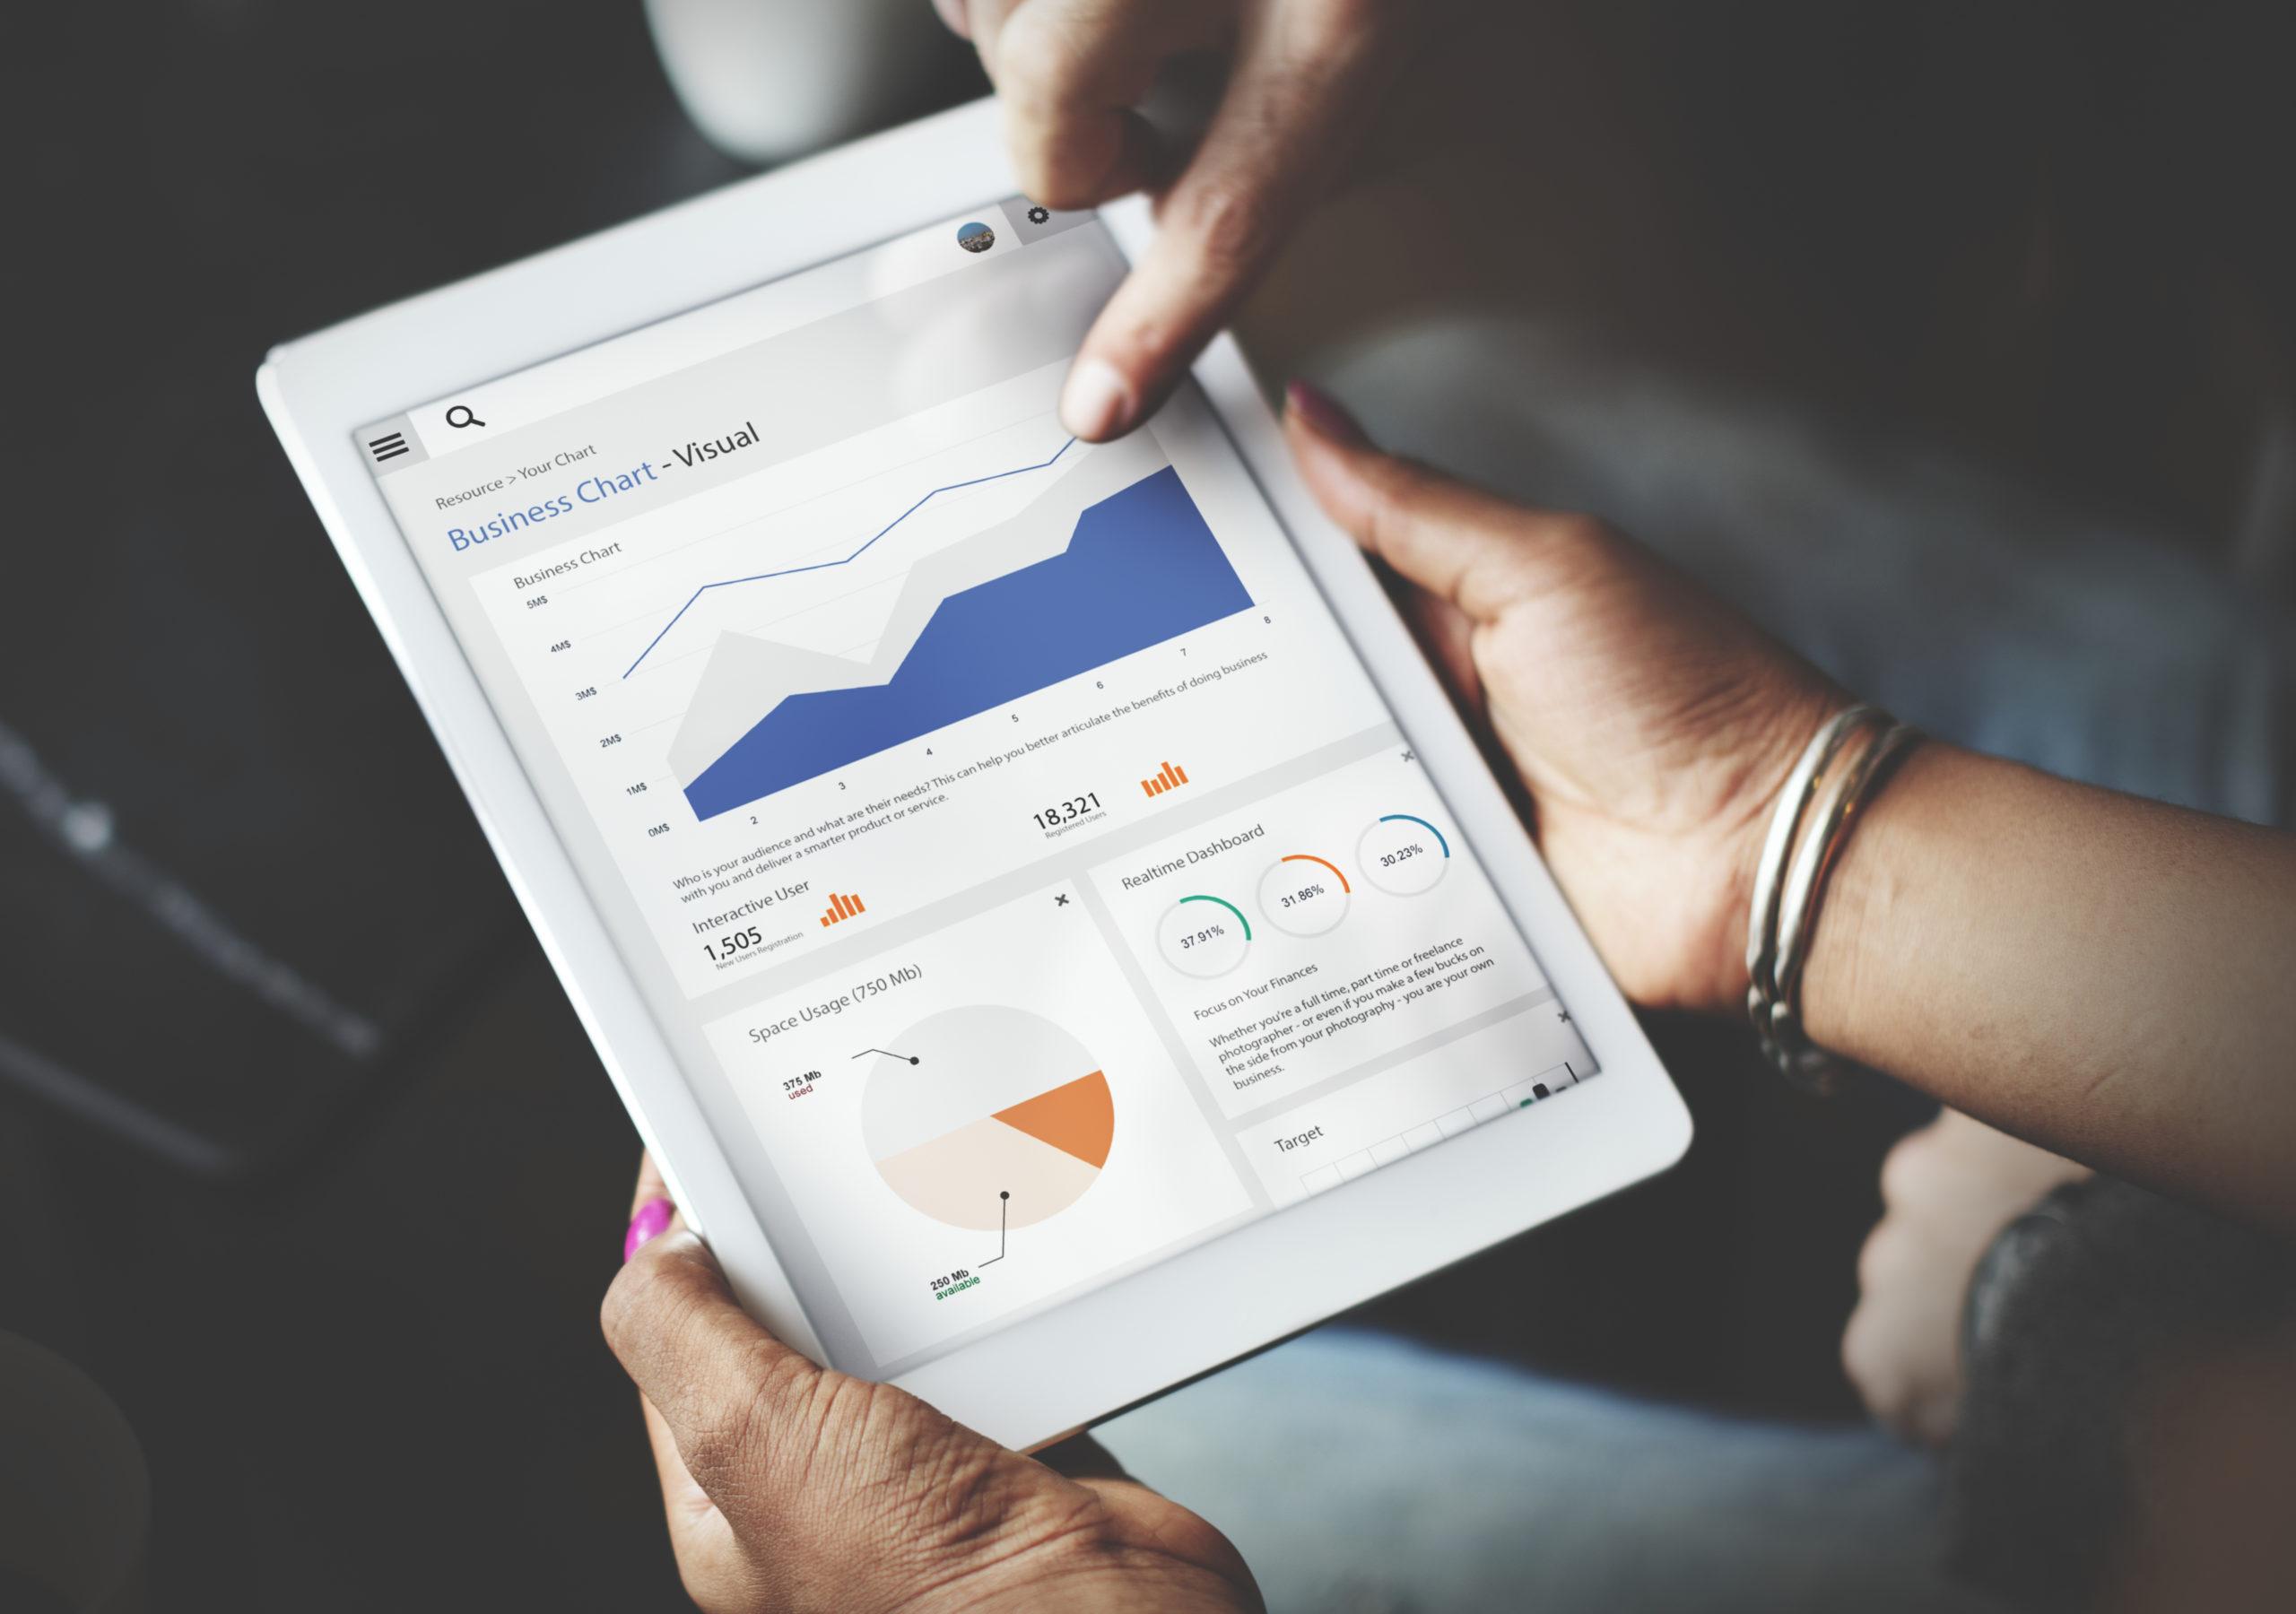 Pianificazione e budgeting, diagrammi in mobilità